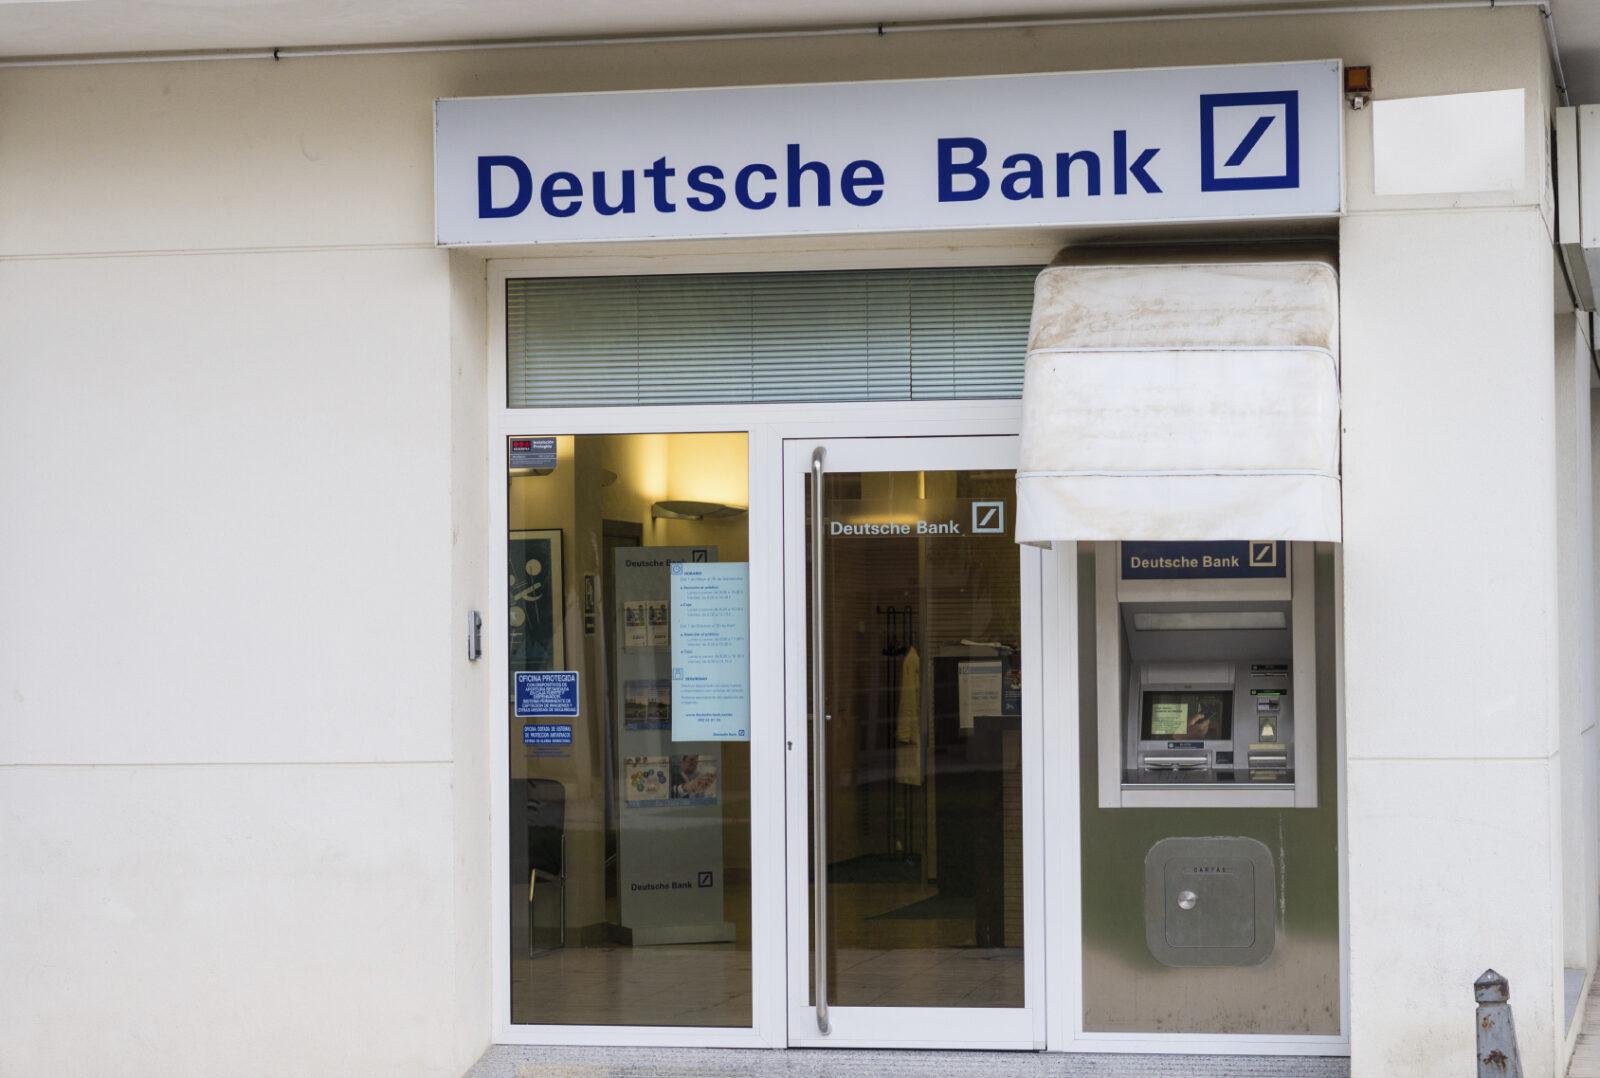 Deutsche Bank branch spain